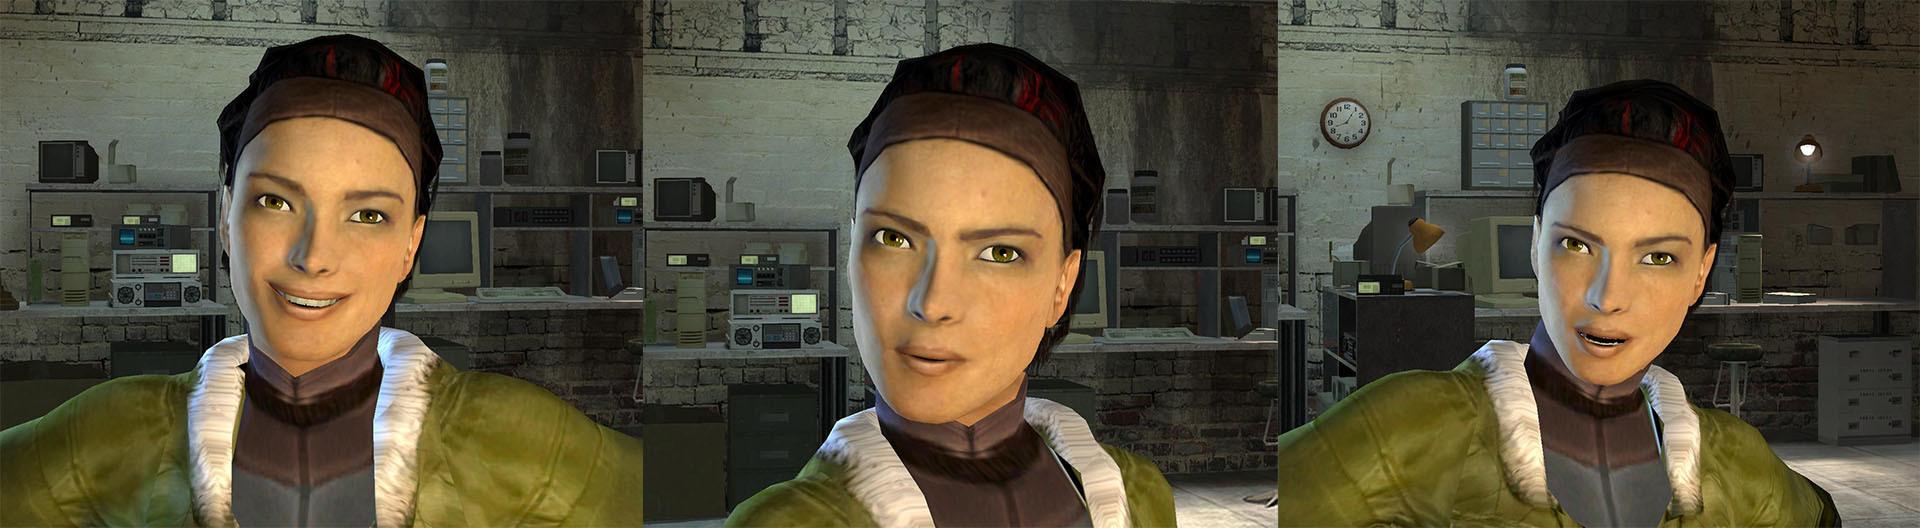 История Half-Life 2 - 3